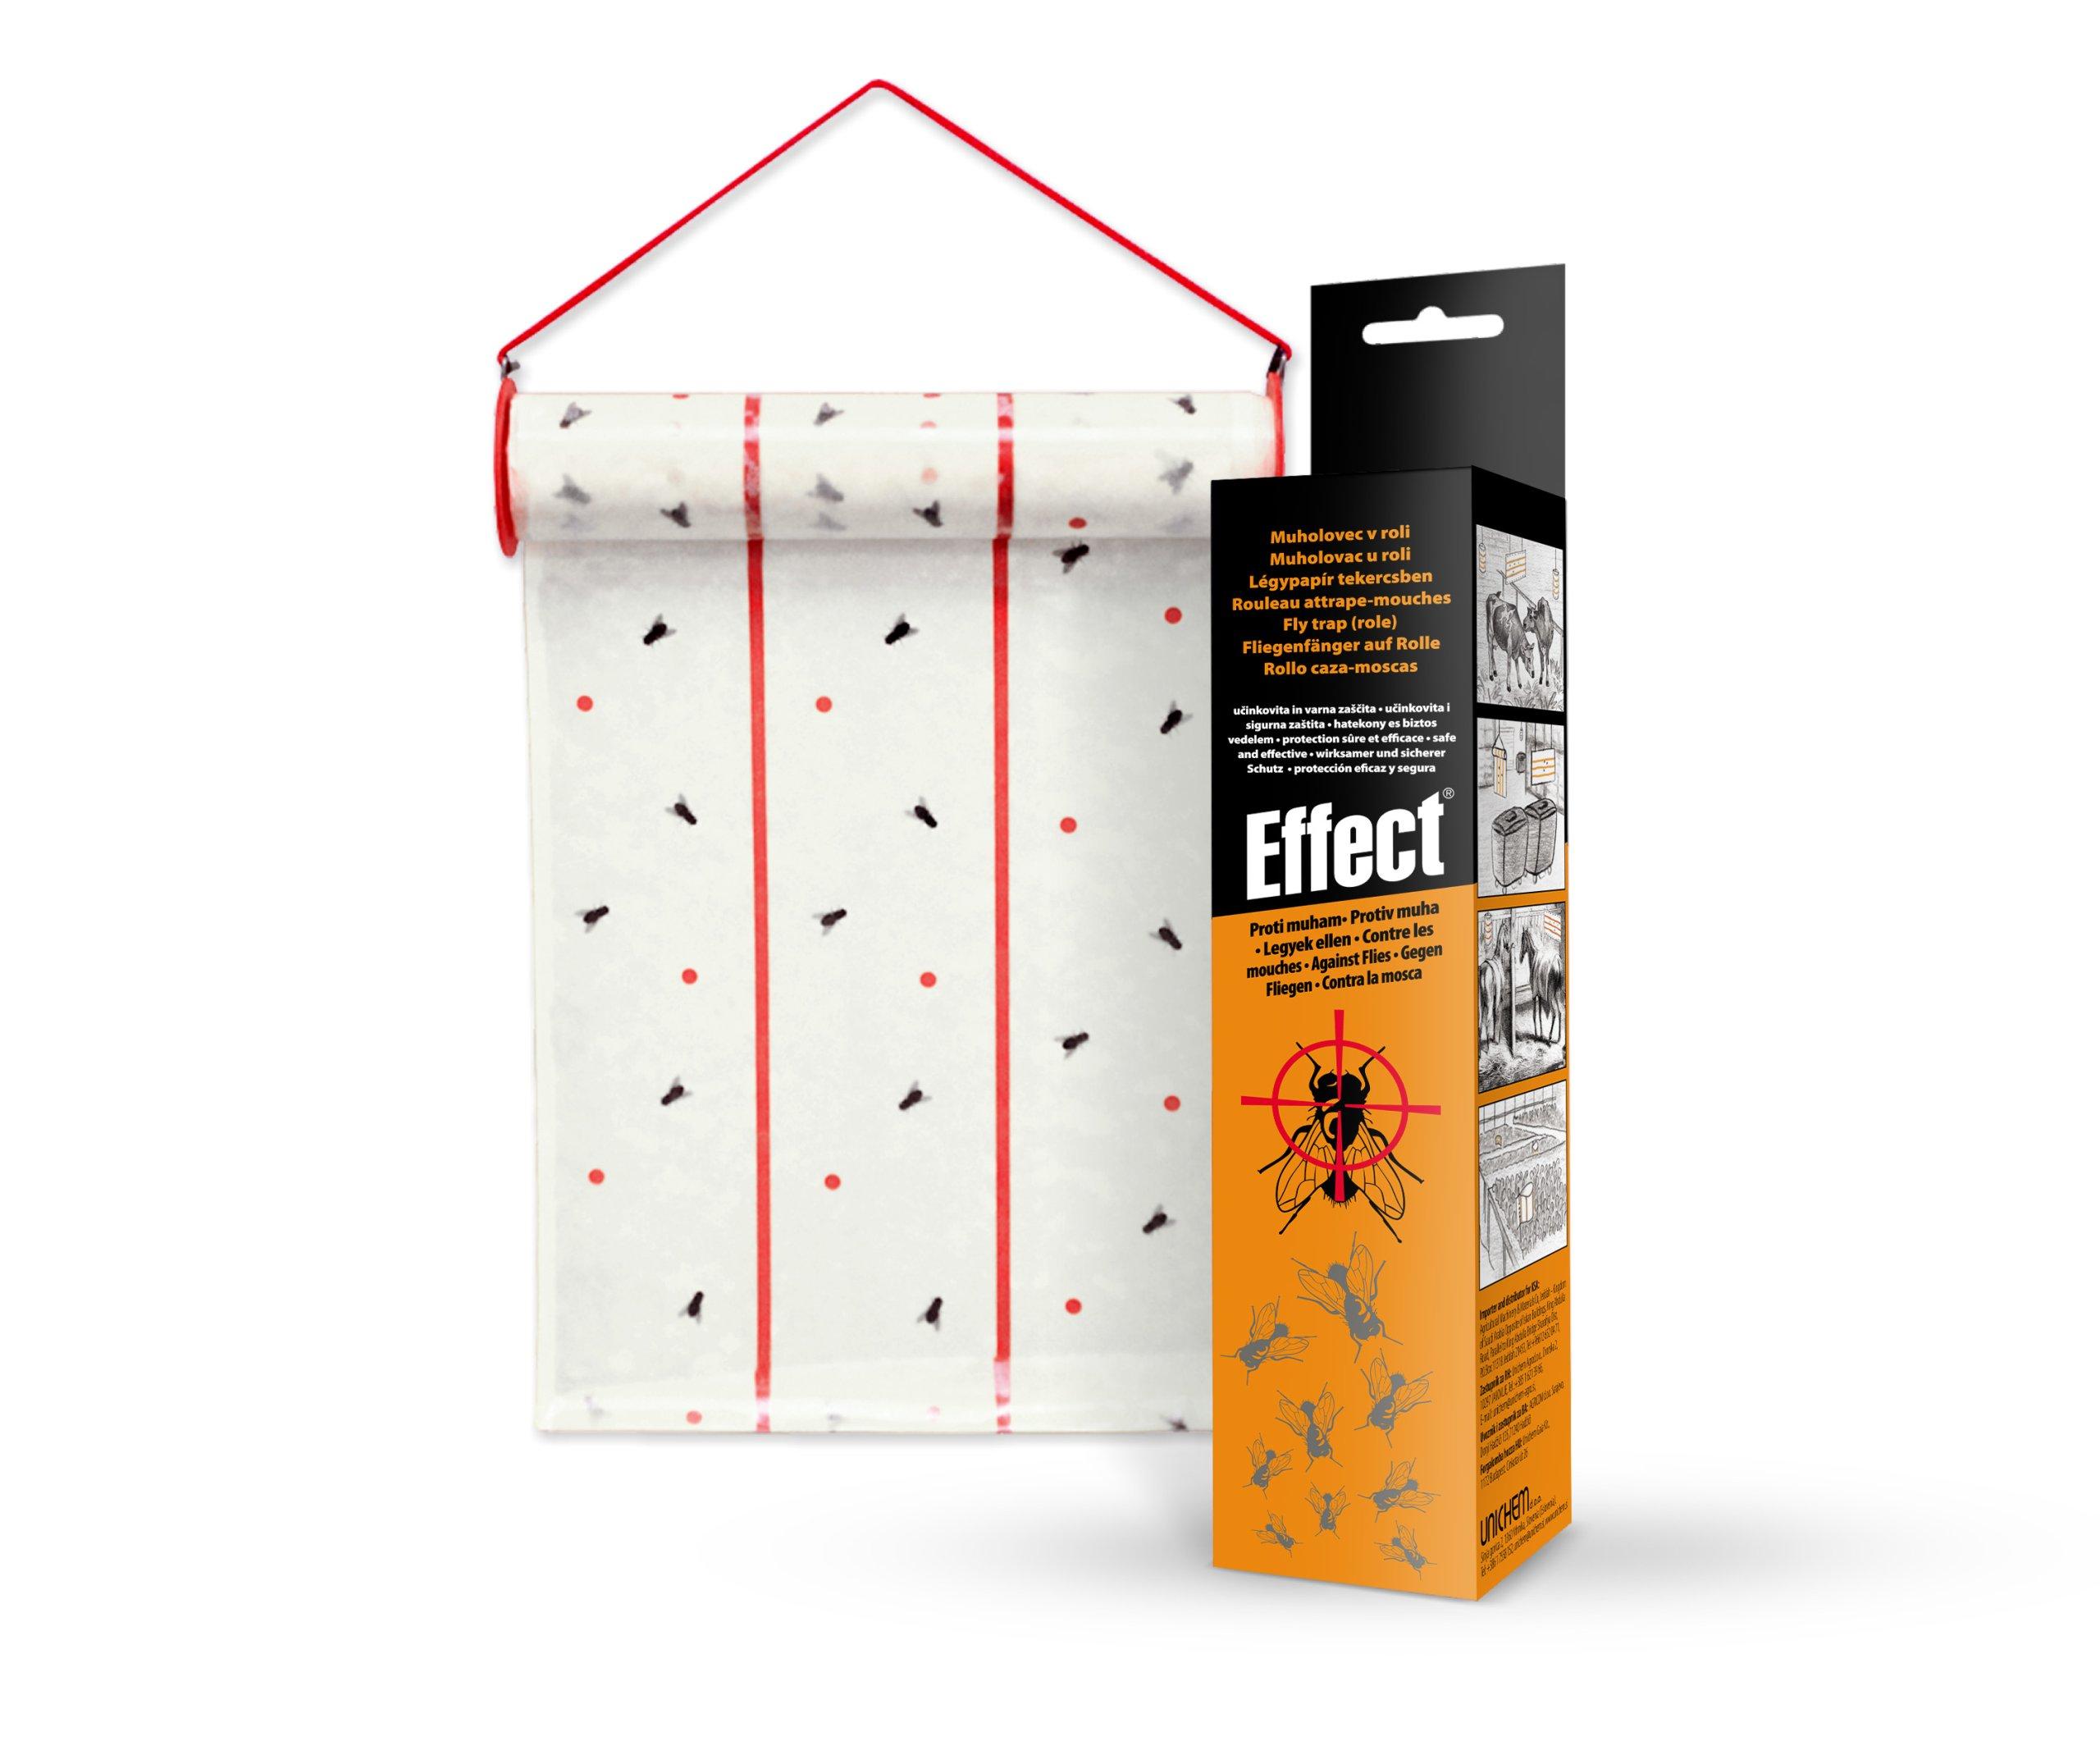 Самодельные липкие ленты от мух. липучка для мух и рецепты её приготовления в домашних условиях. каковы же их преимущества и недостатки